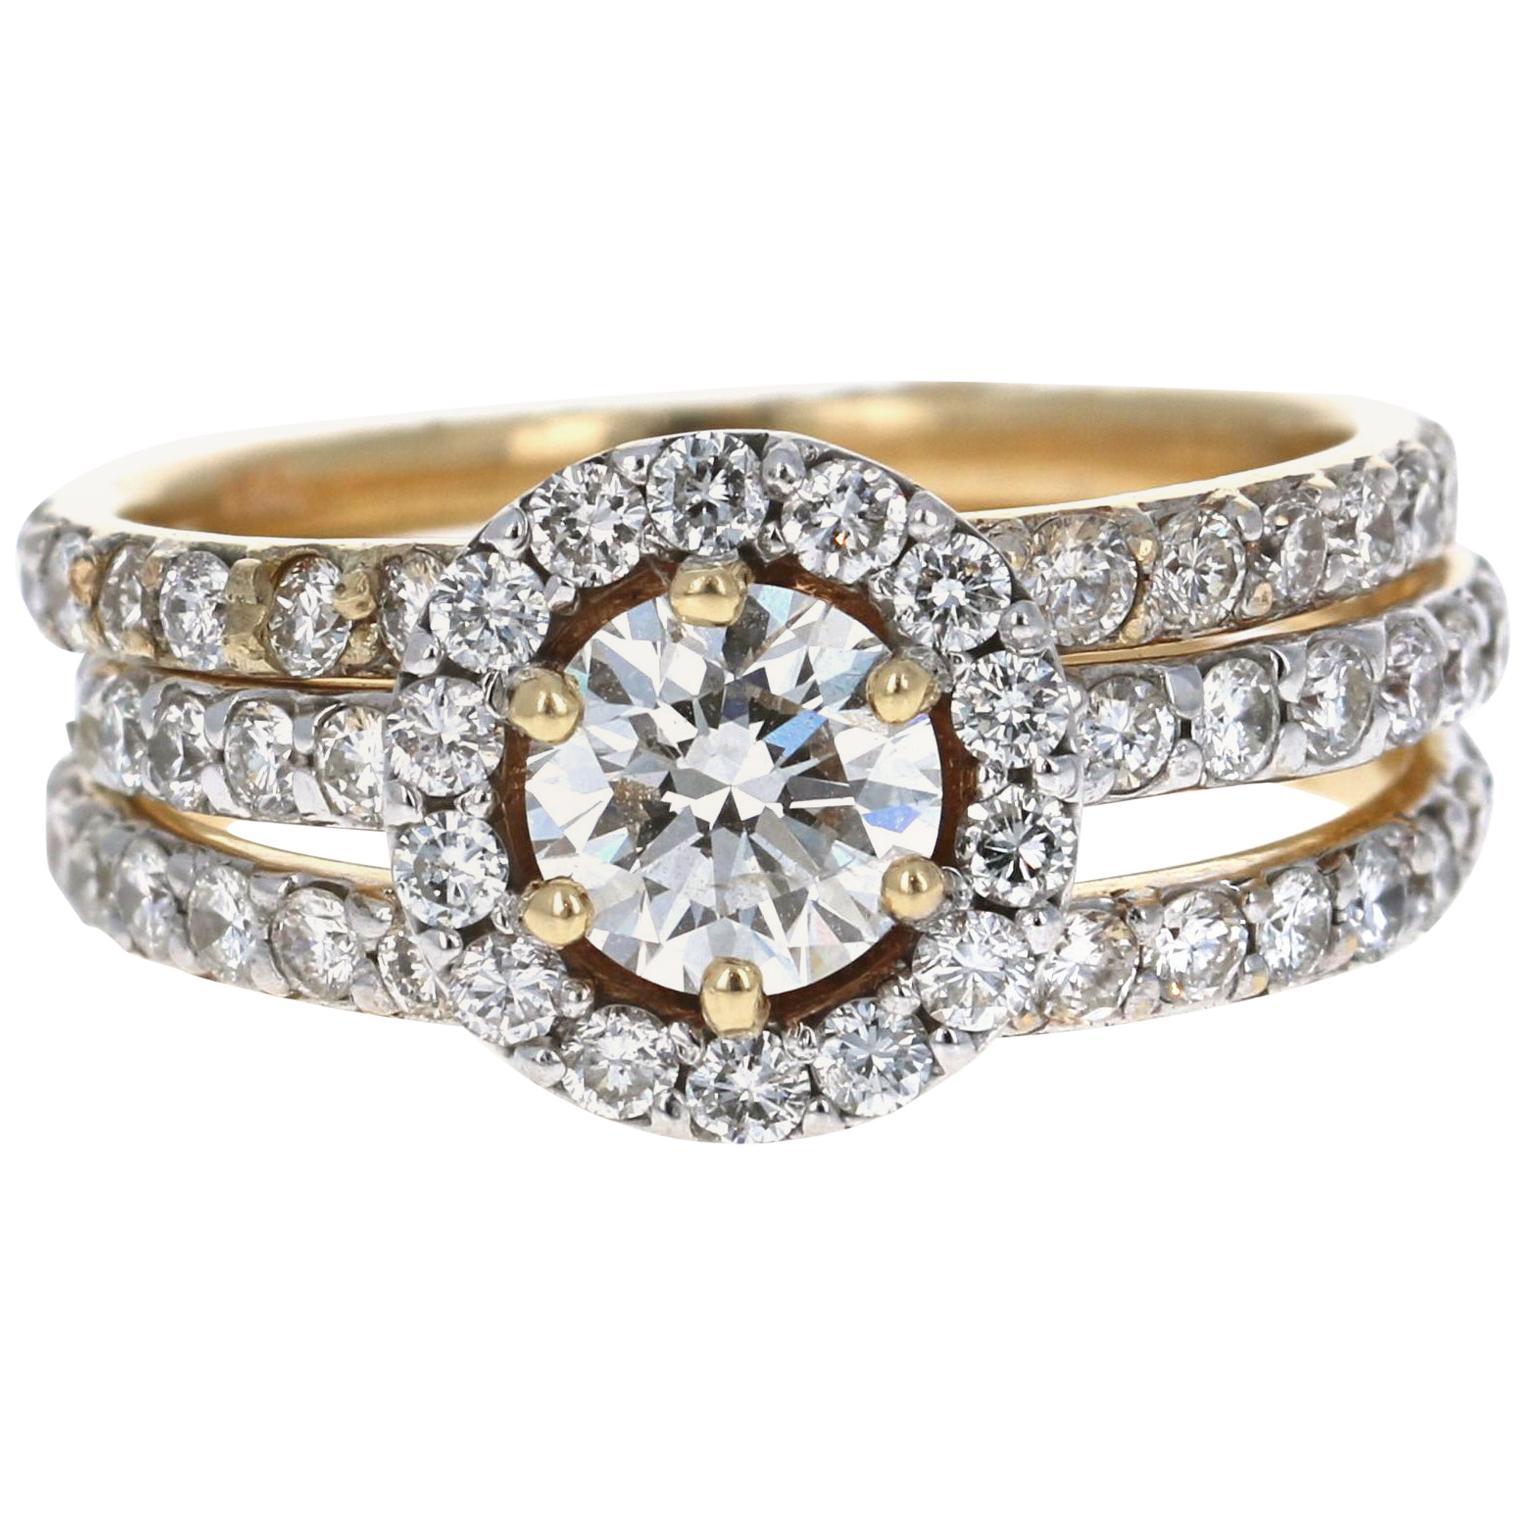 1.96 Carat Diamond Engagement Wedding Set 14 Karat Yellow Gold